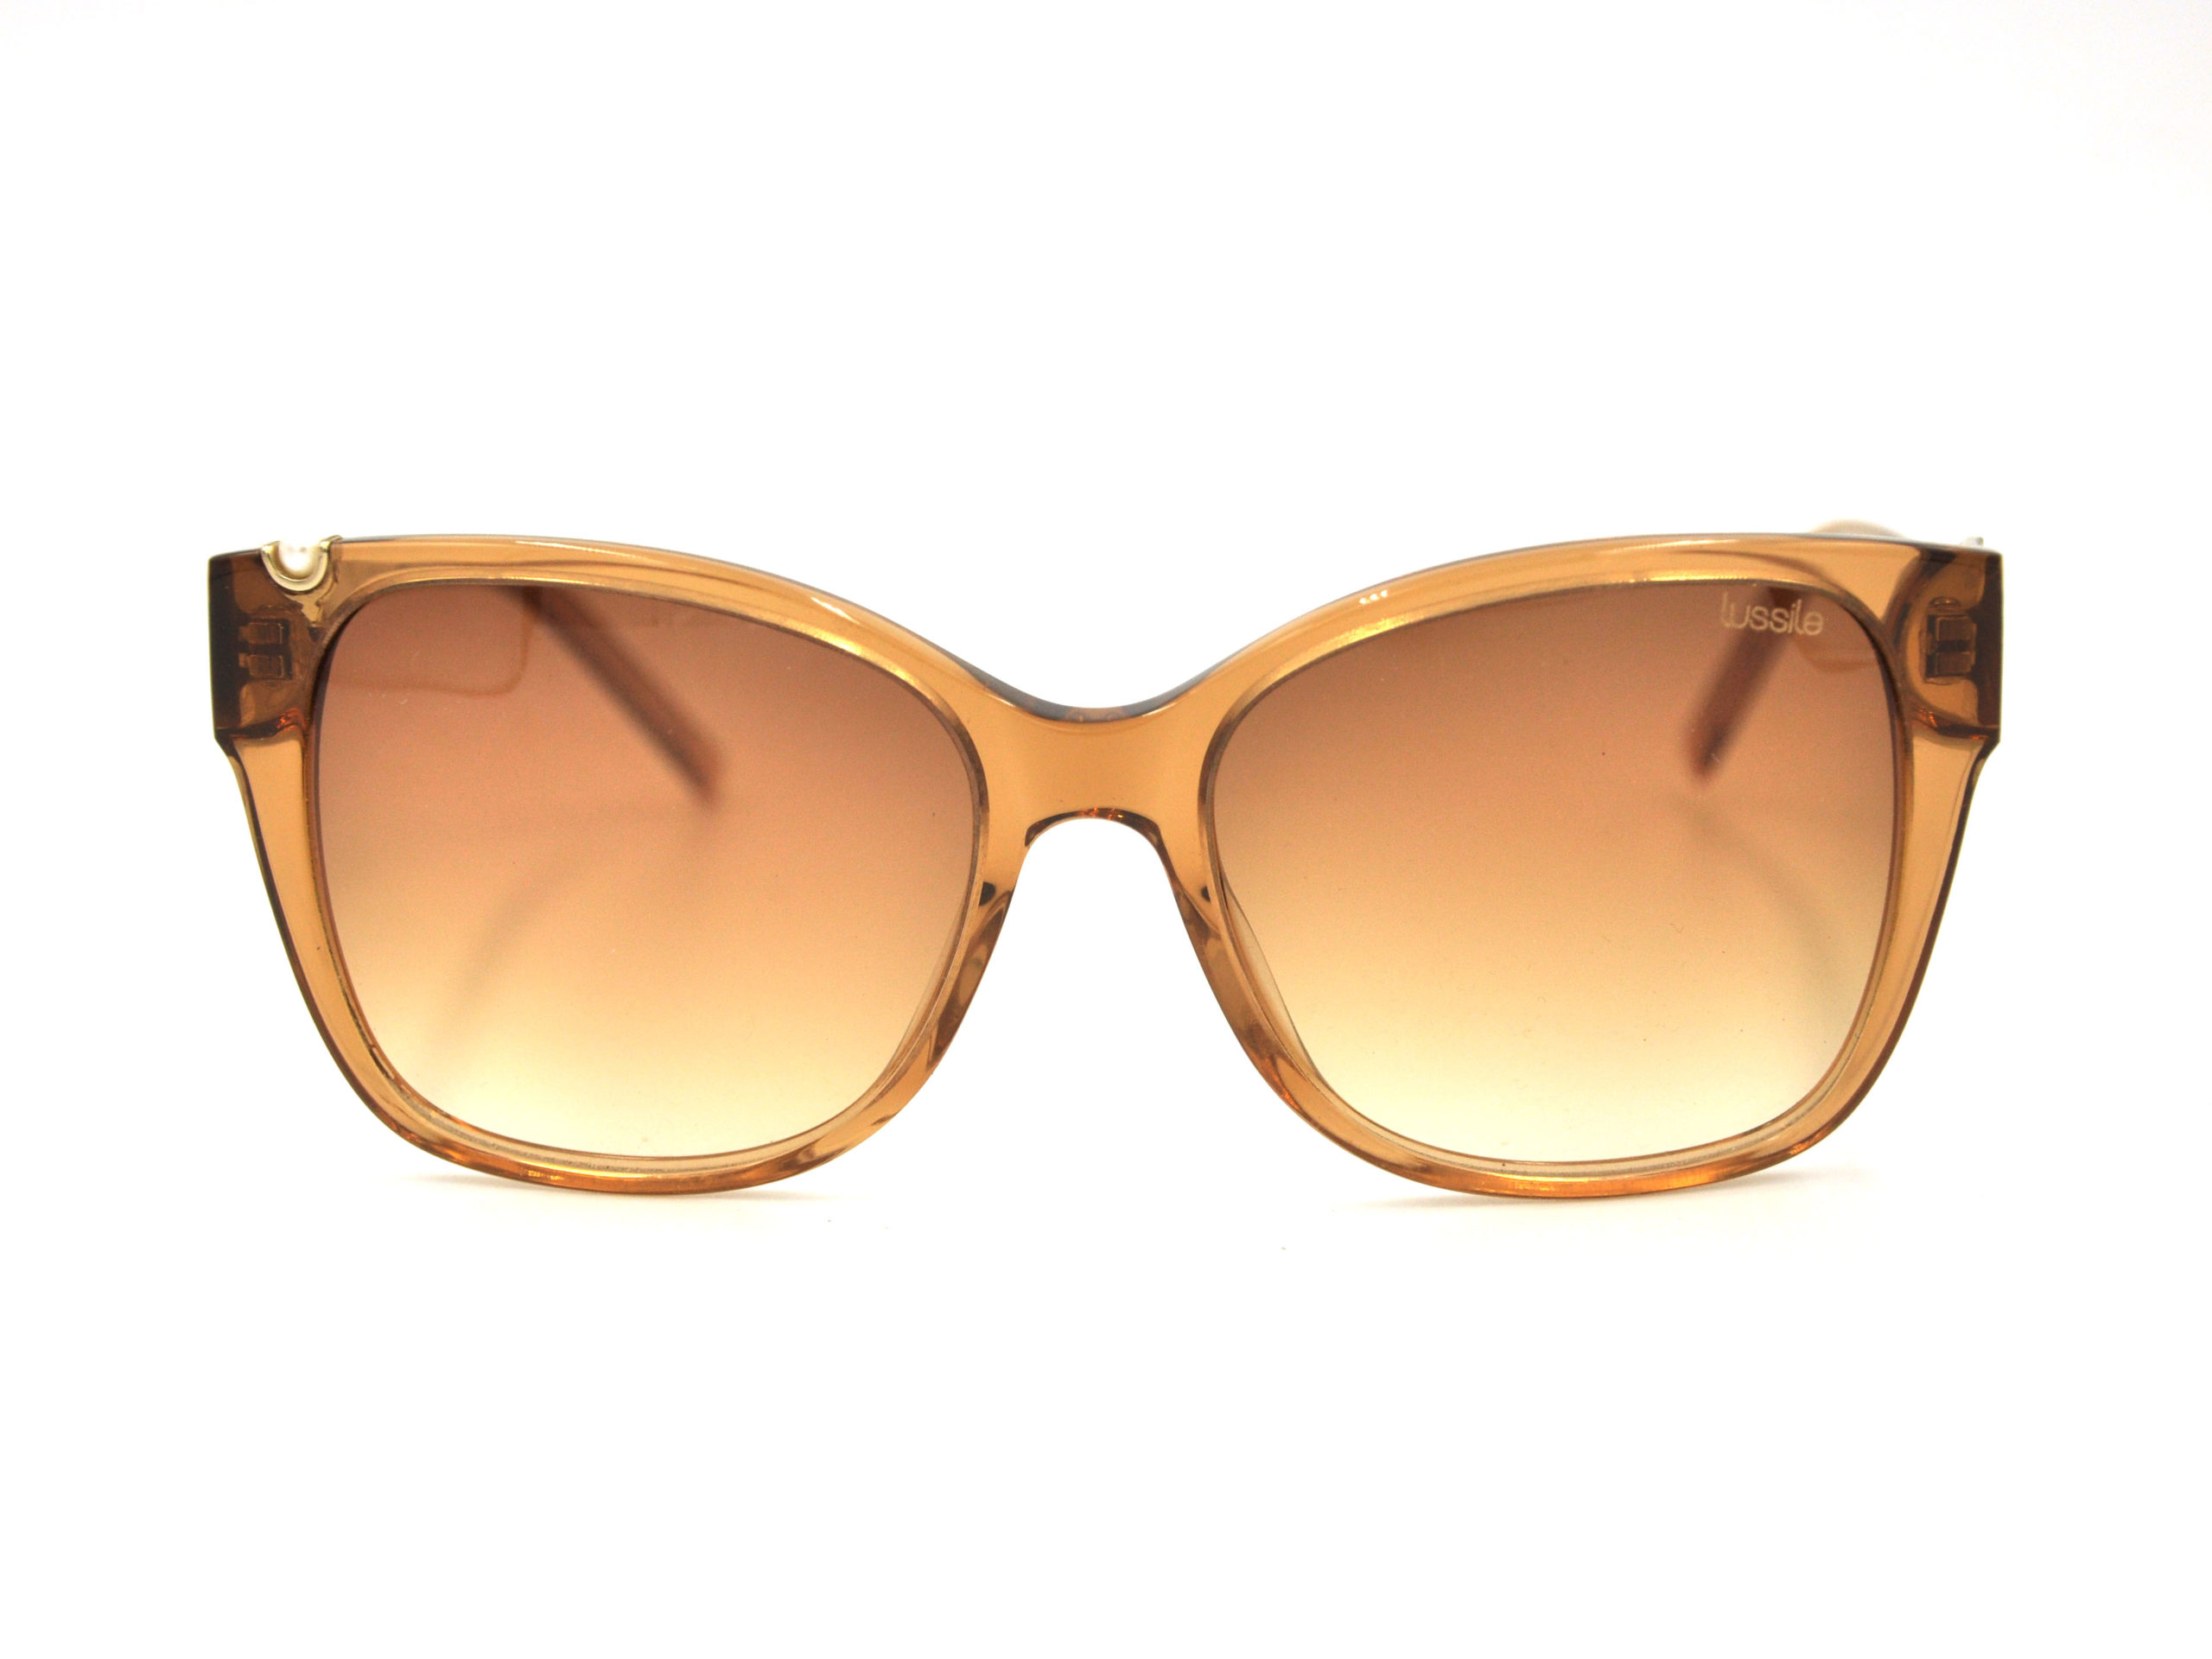 Γυαλιά ηλίου Lussile LS31234 LM06 Πειραιάς